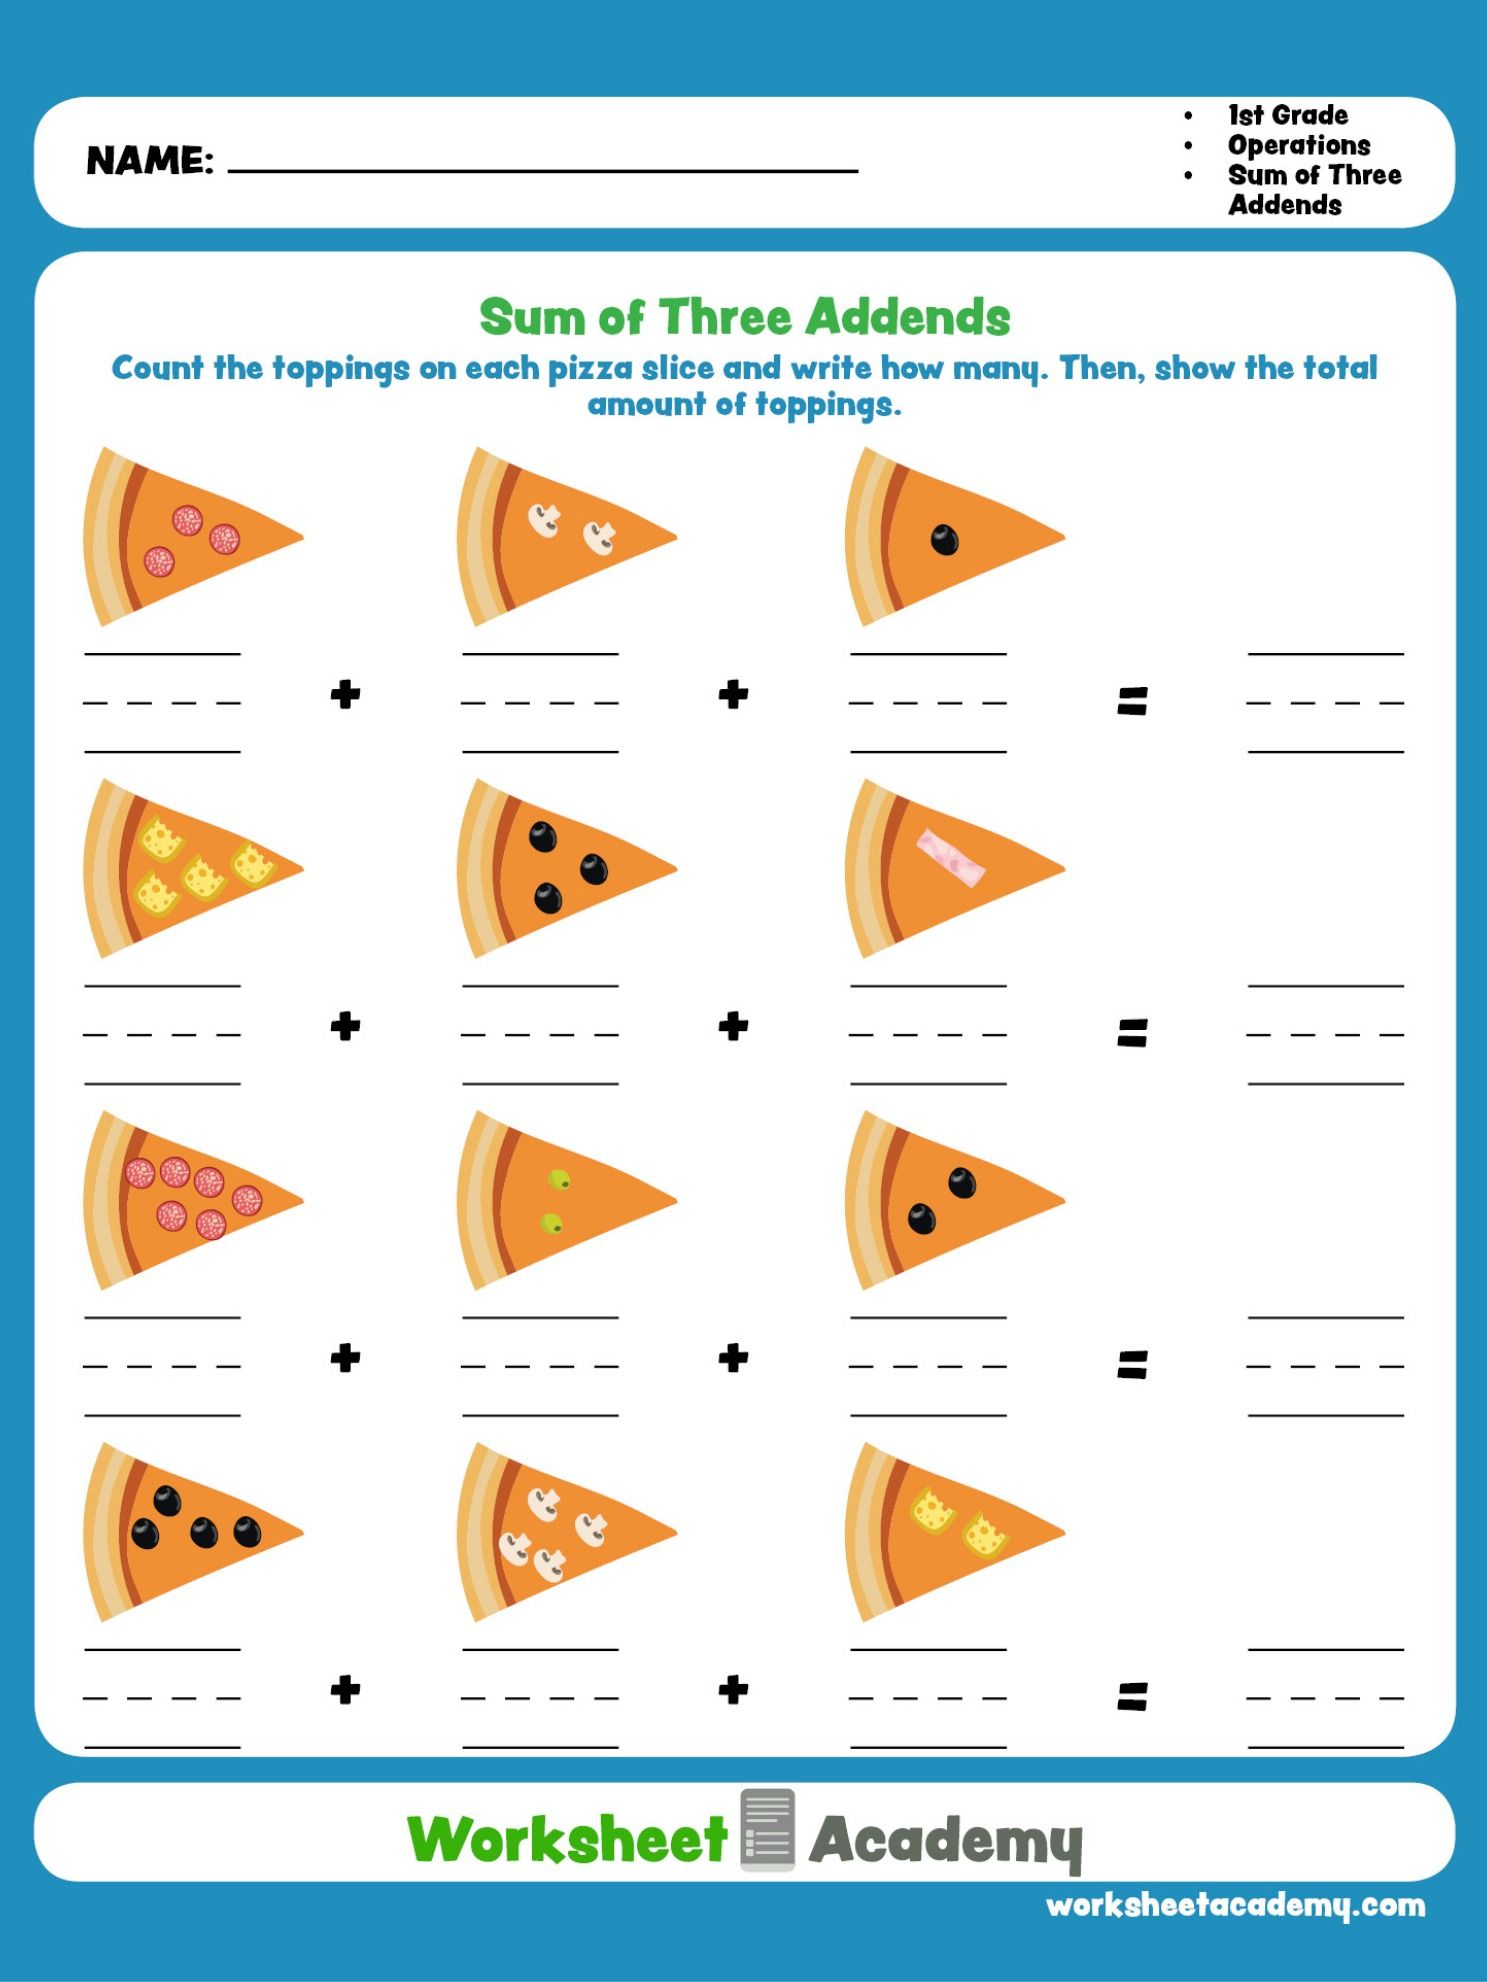 Sum Of Three Addends